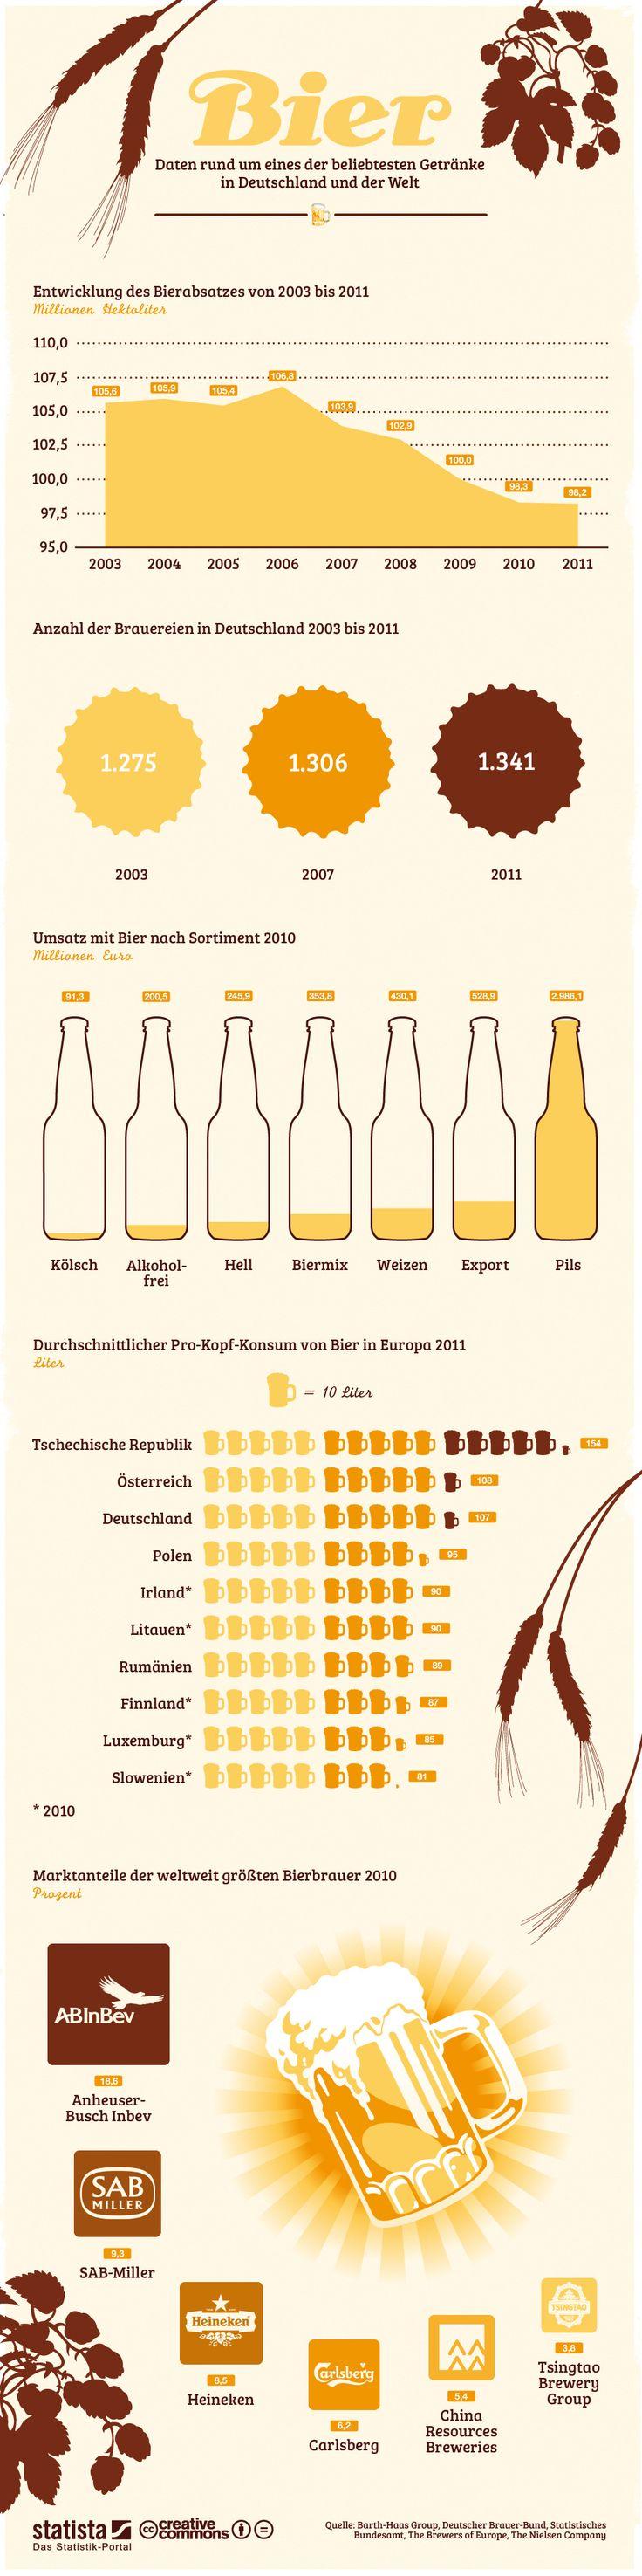 Daten rund um die Hopfenkaltschale